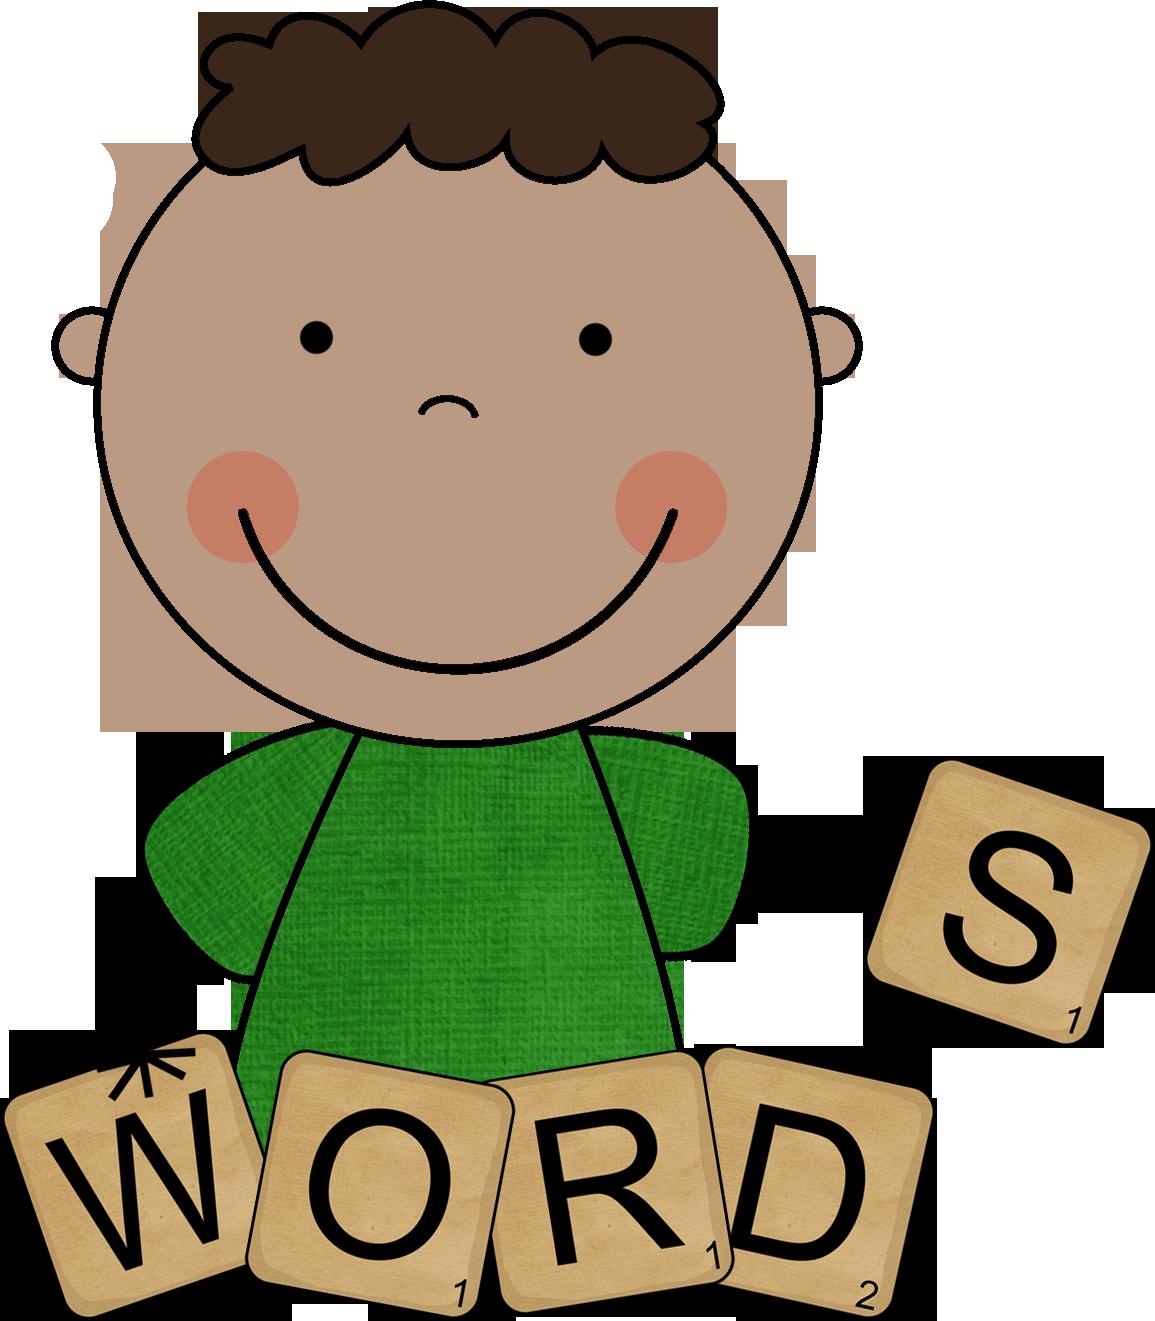 Kindergarten Registration Clipart | Free download best Kindergarten ...